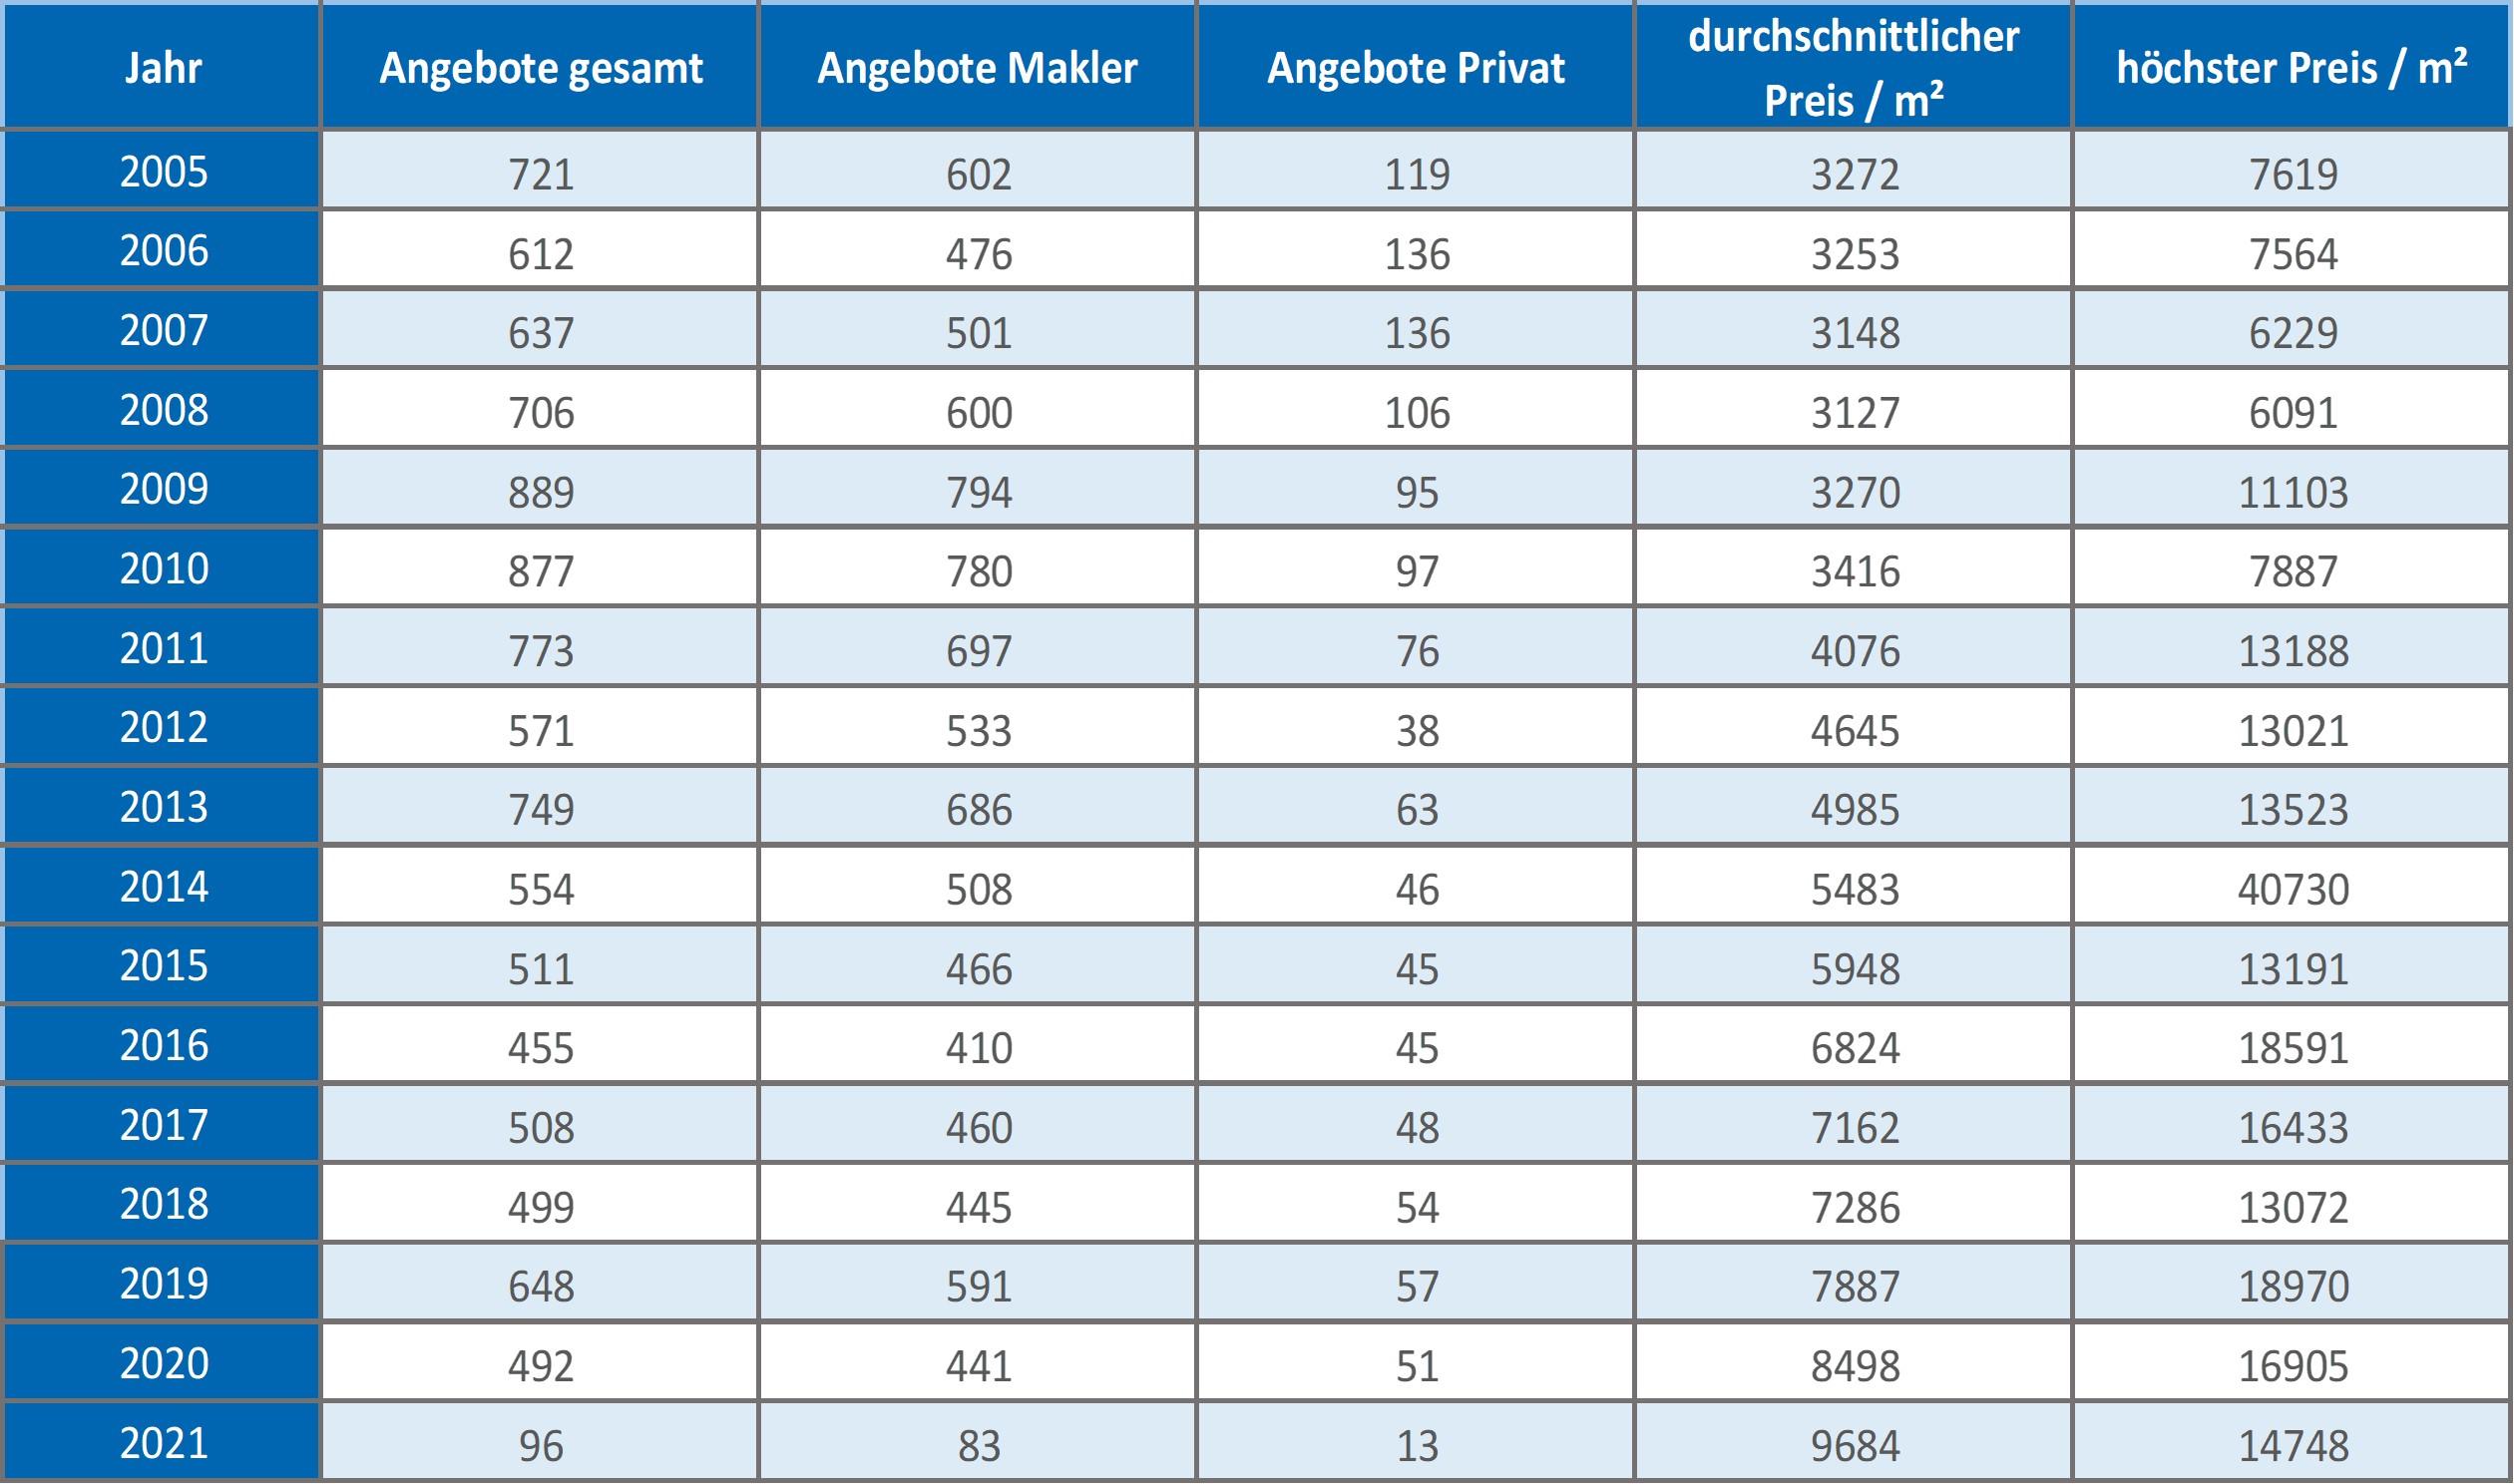 München-Solln-Wohnung-Kaufen-Verkaufen-Makler 2019 2020 2021